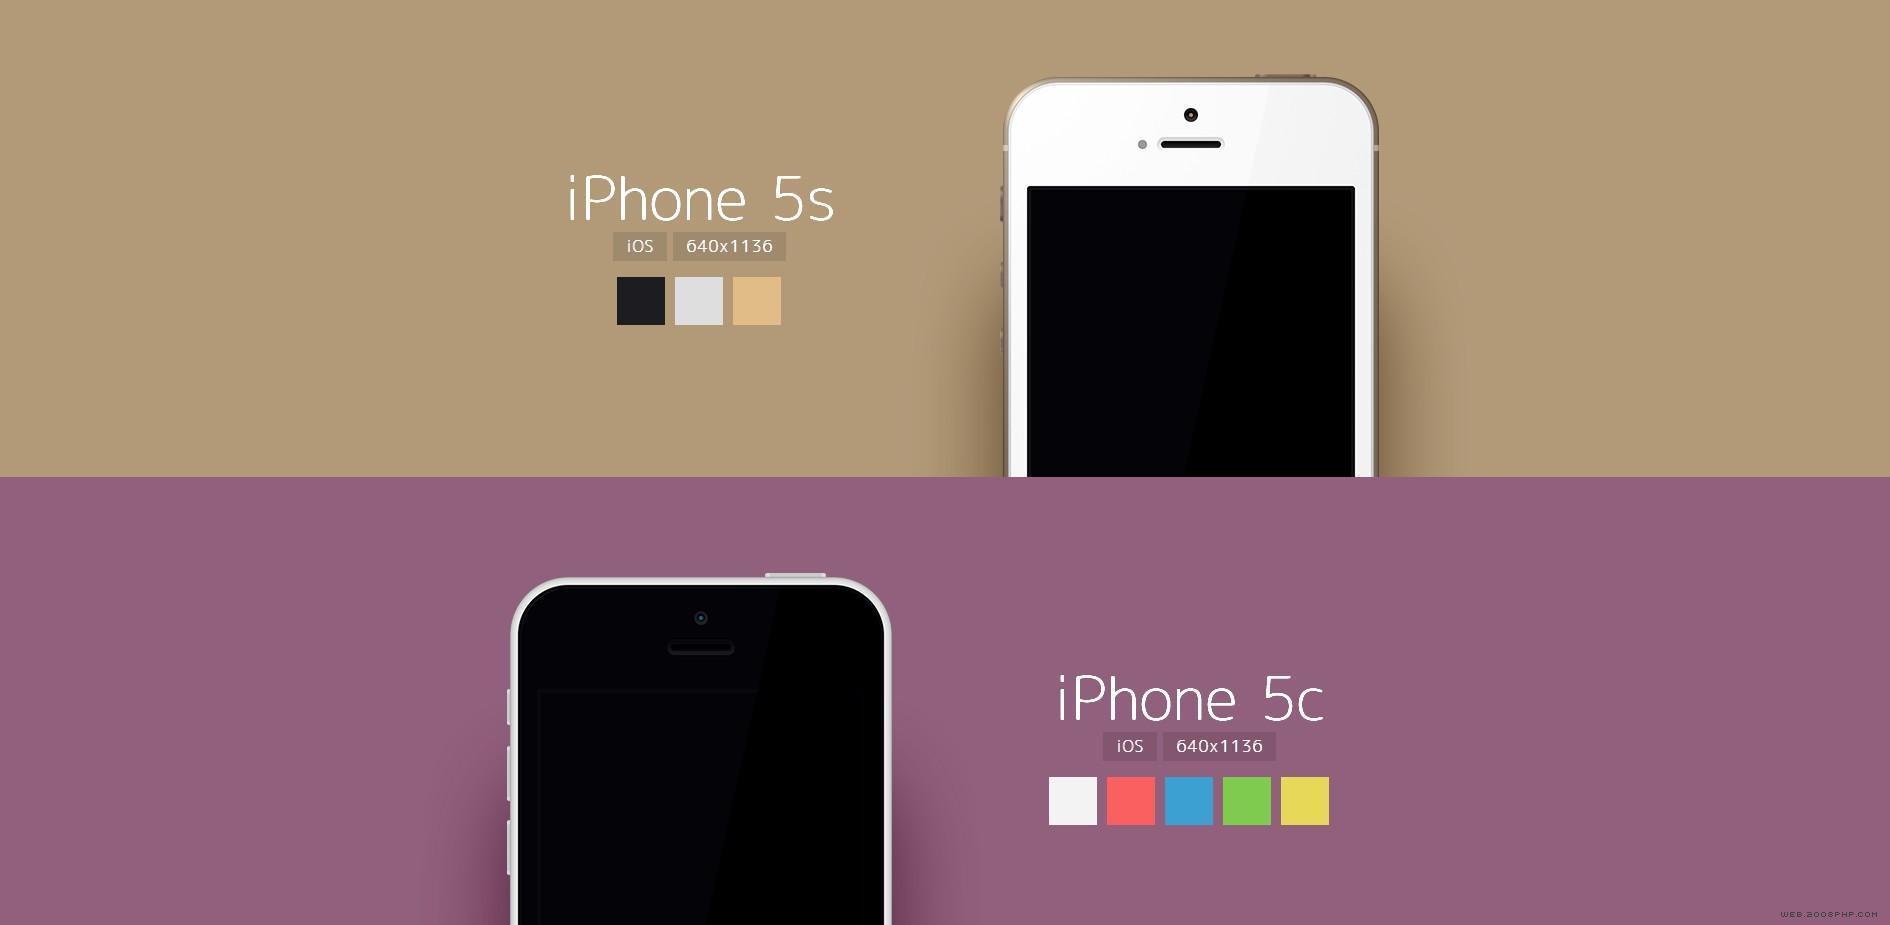 phones-18款iphones手机矢量模板.